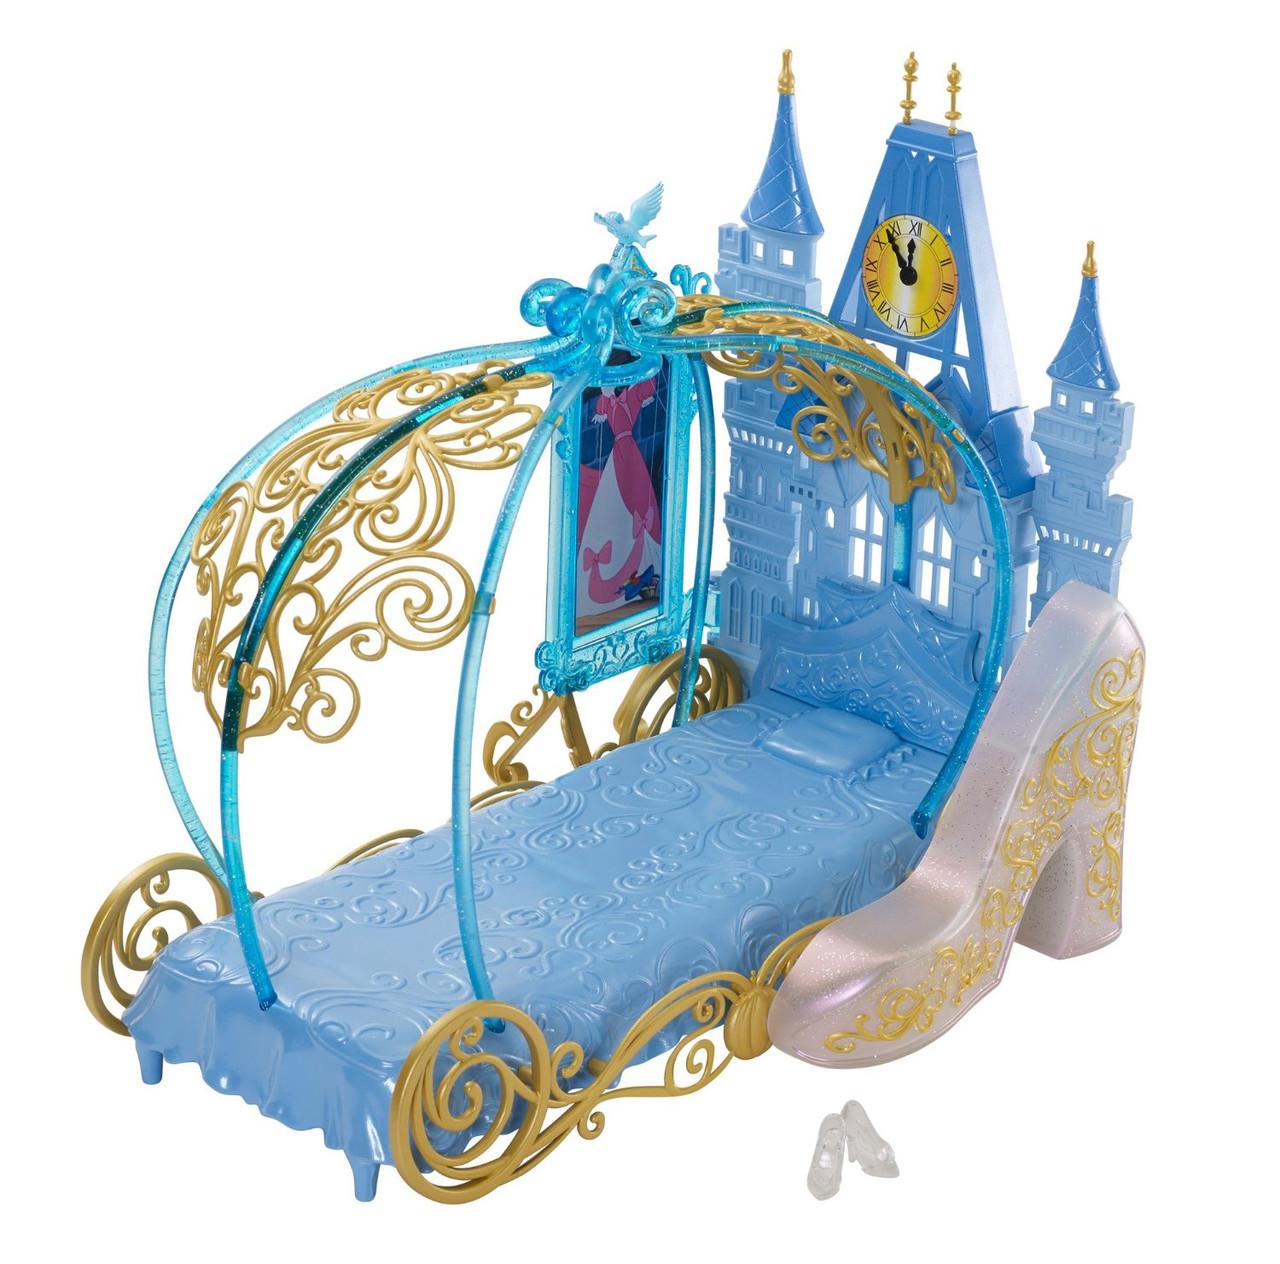 Disney Принцессы Диснея Спальня Золушки Princess Cinderella's Dream Bedroom Playset Doll